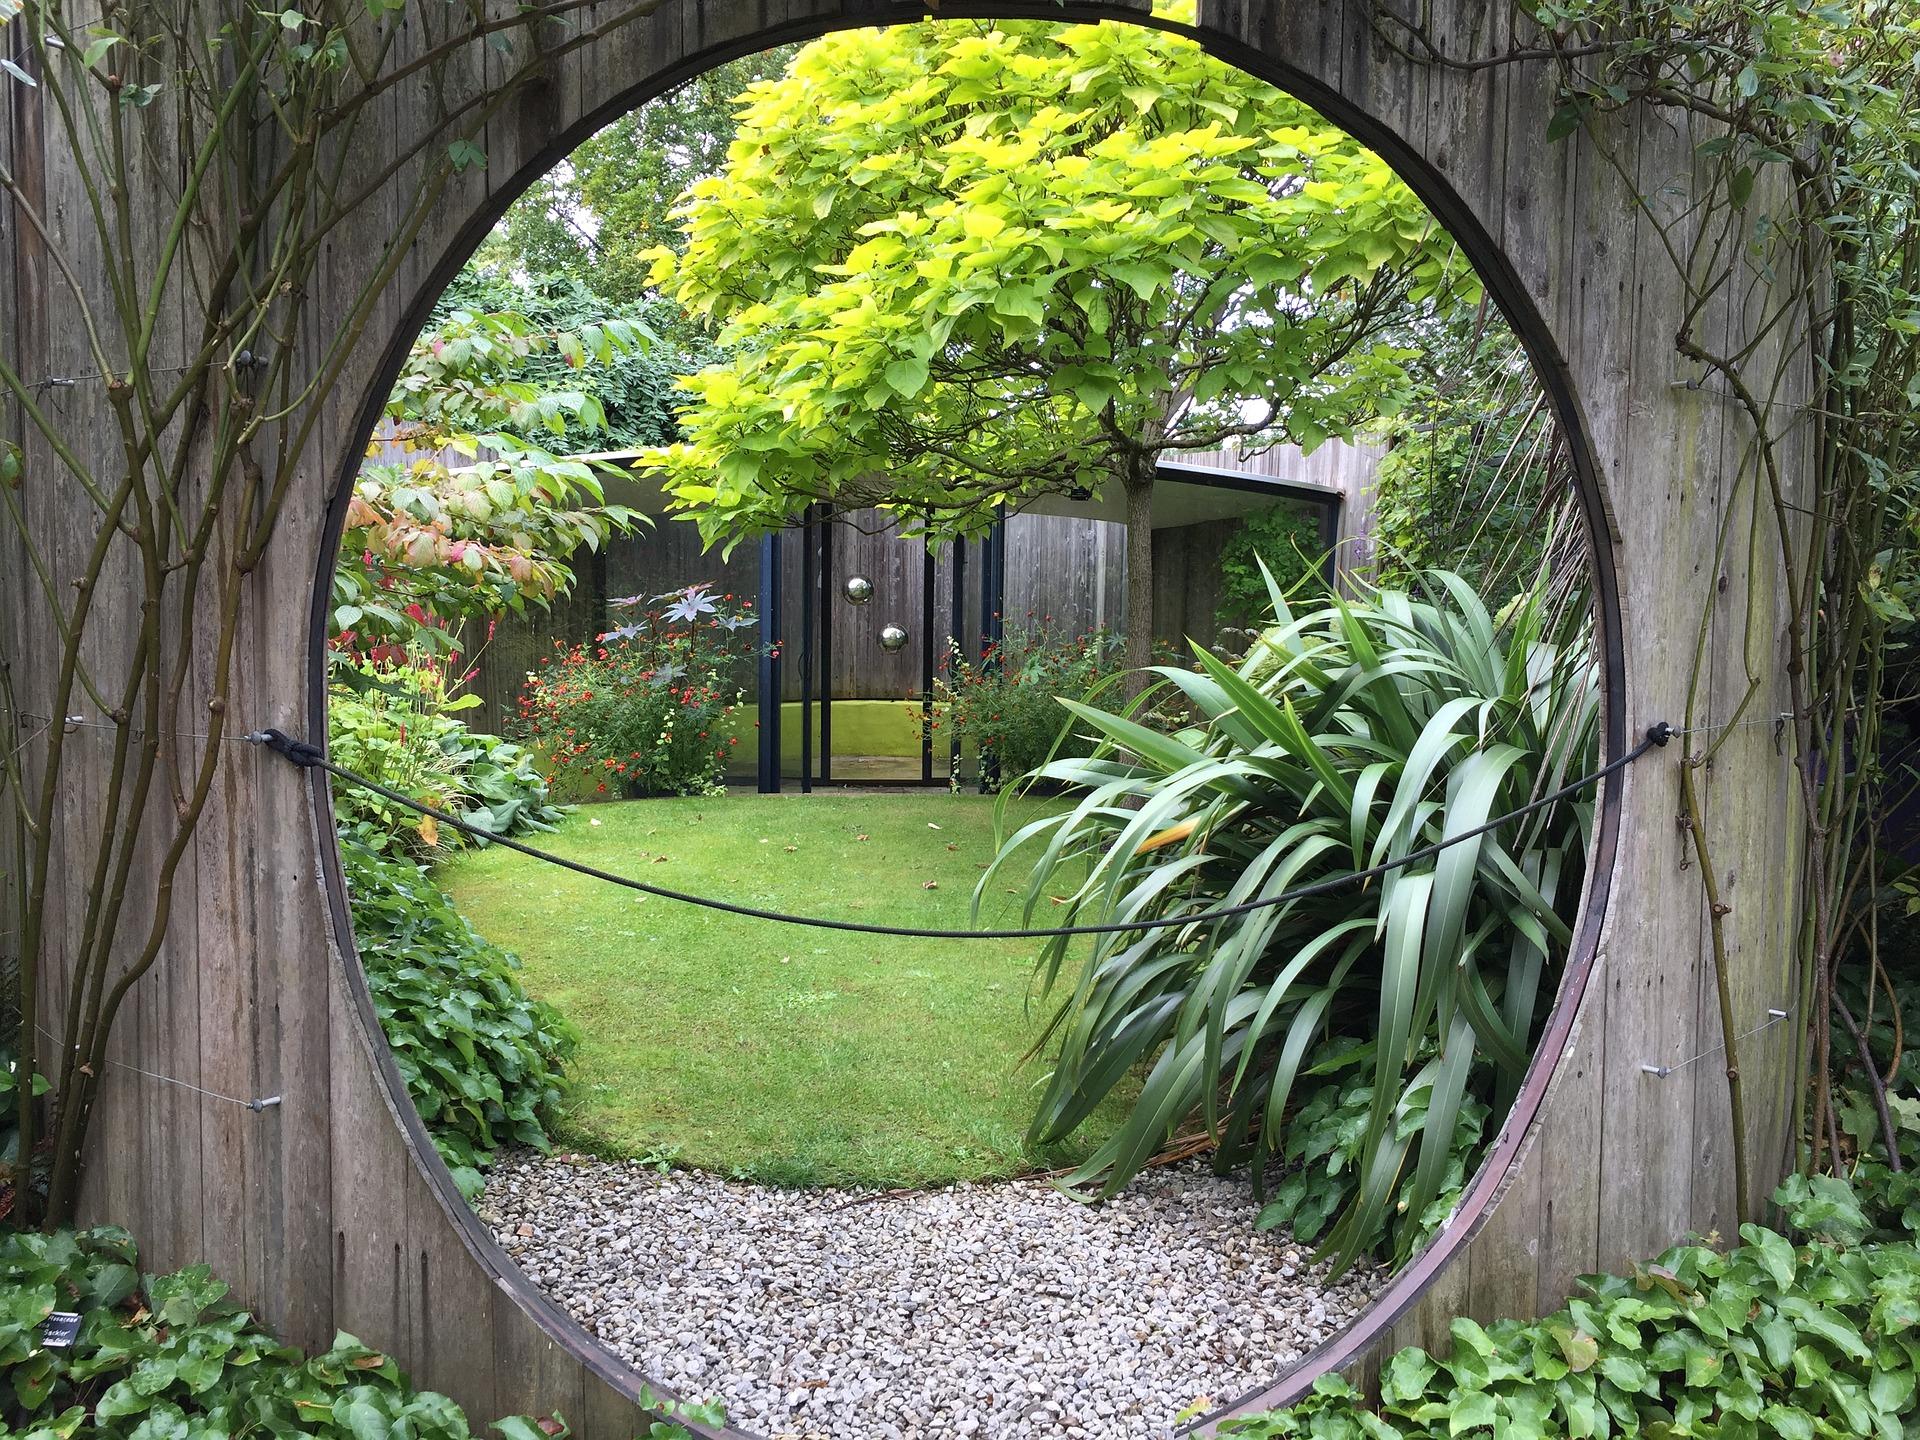 Les Conseils Pour Aménager Facilement Un Petit Jardin tout Amanager Un Petit Jardin